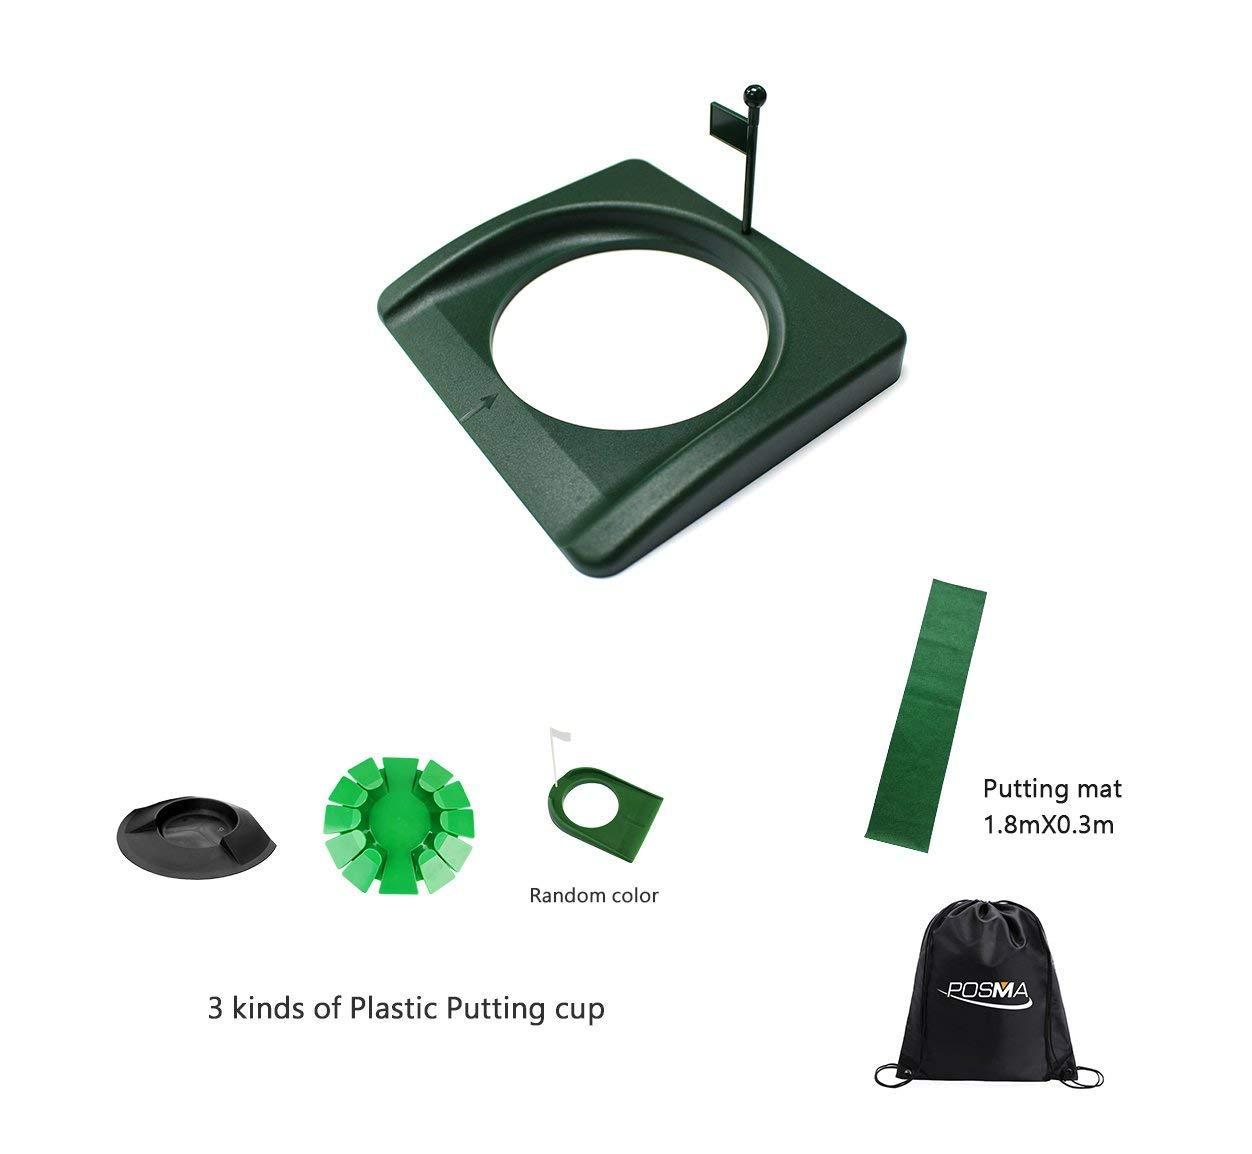 POSMA PHS013 プラスチック練習用パッティングカップ ゴルフホール トレーニング補助セット パッティングカップ付き + パッティングマット+キャリーバッグ   B07H16K3MV